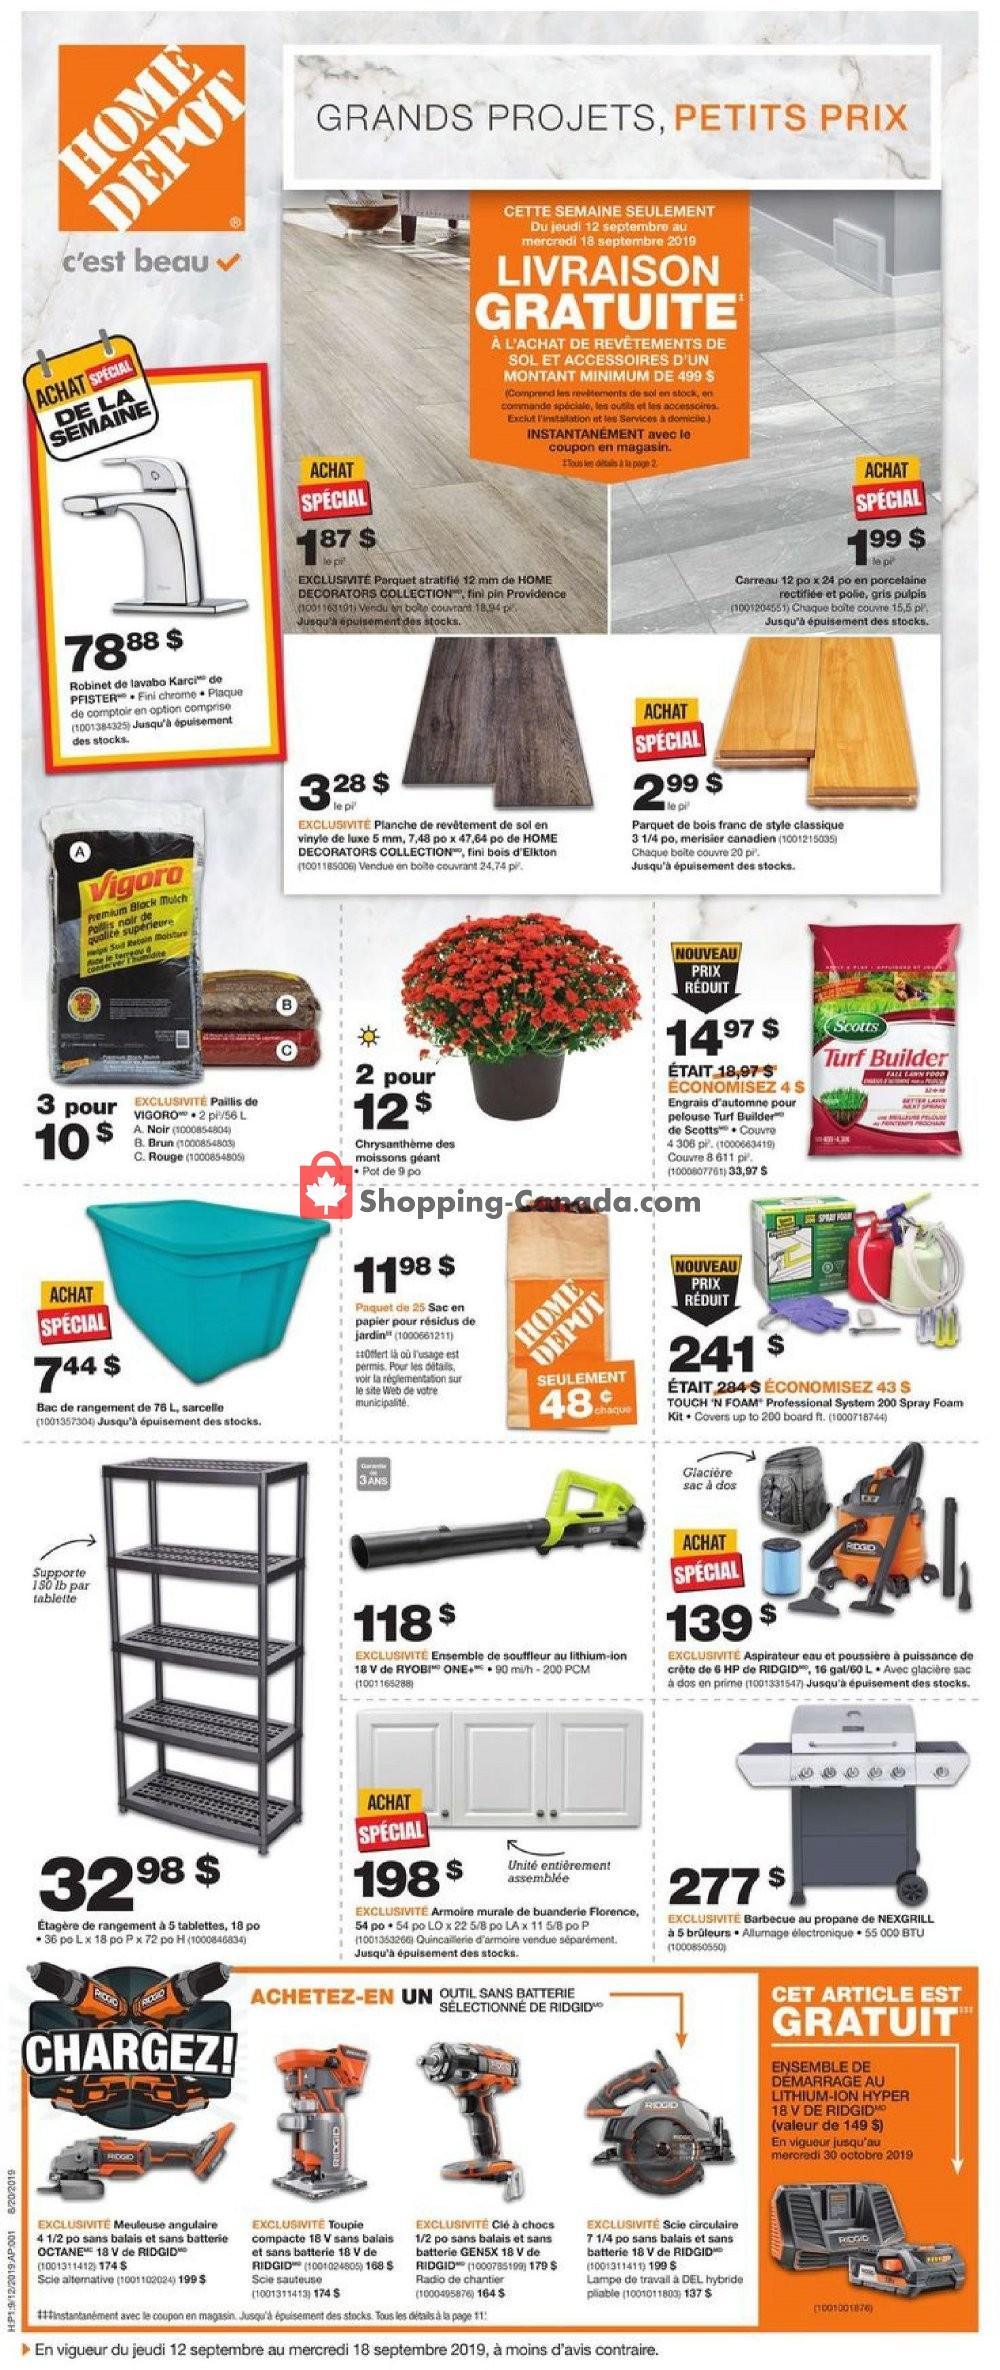 Flyer Home Depot Canada - from Thursday September 12, 2019 to Wednesday September 18, 2019